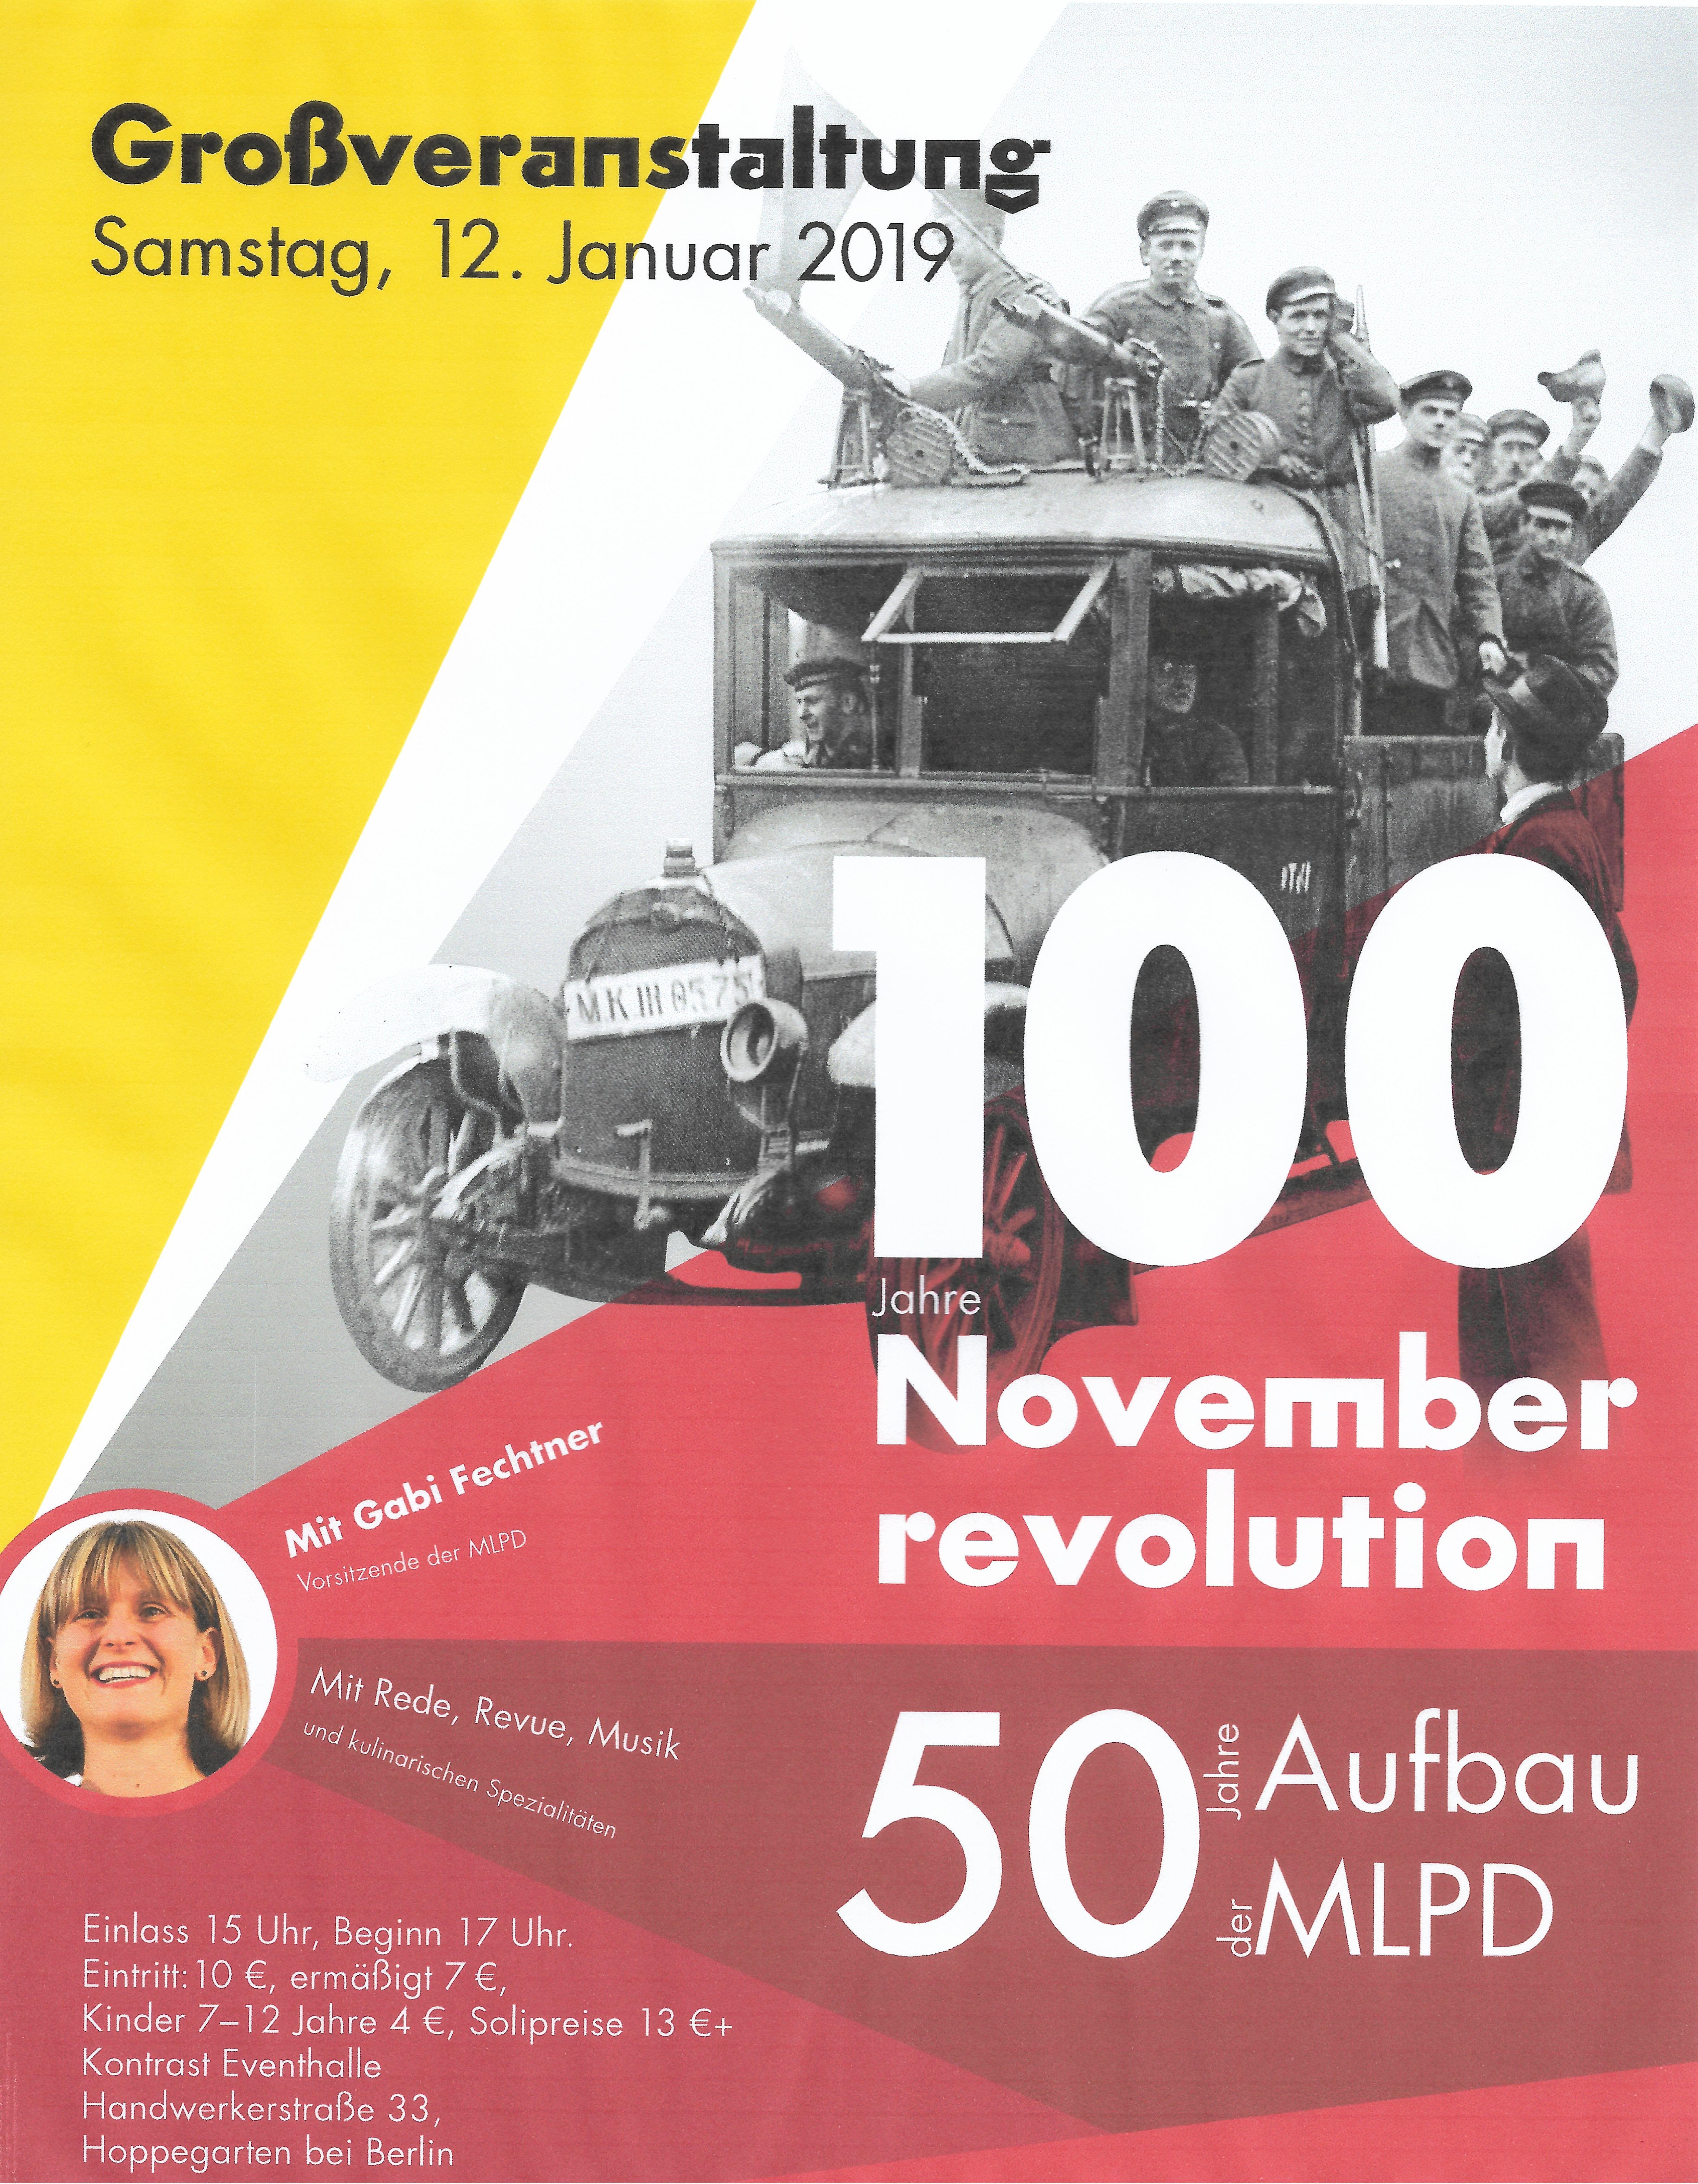 Großveranstaltung 100 Jahre Novemberrevolution - 50 Jahre Aufbau der MLPD